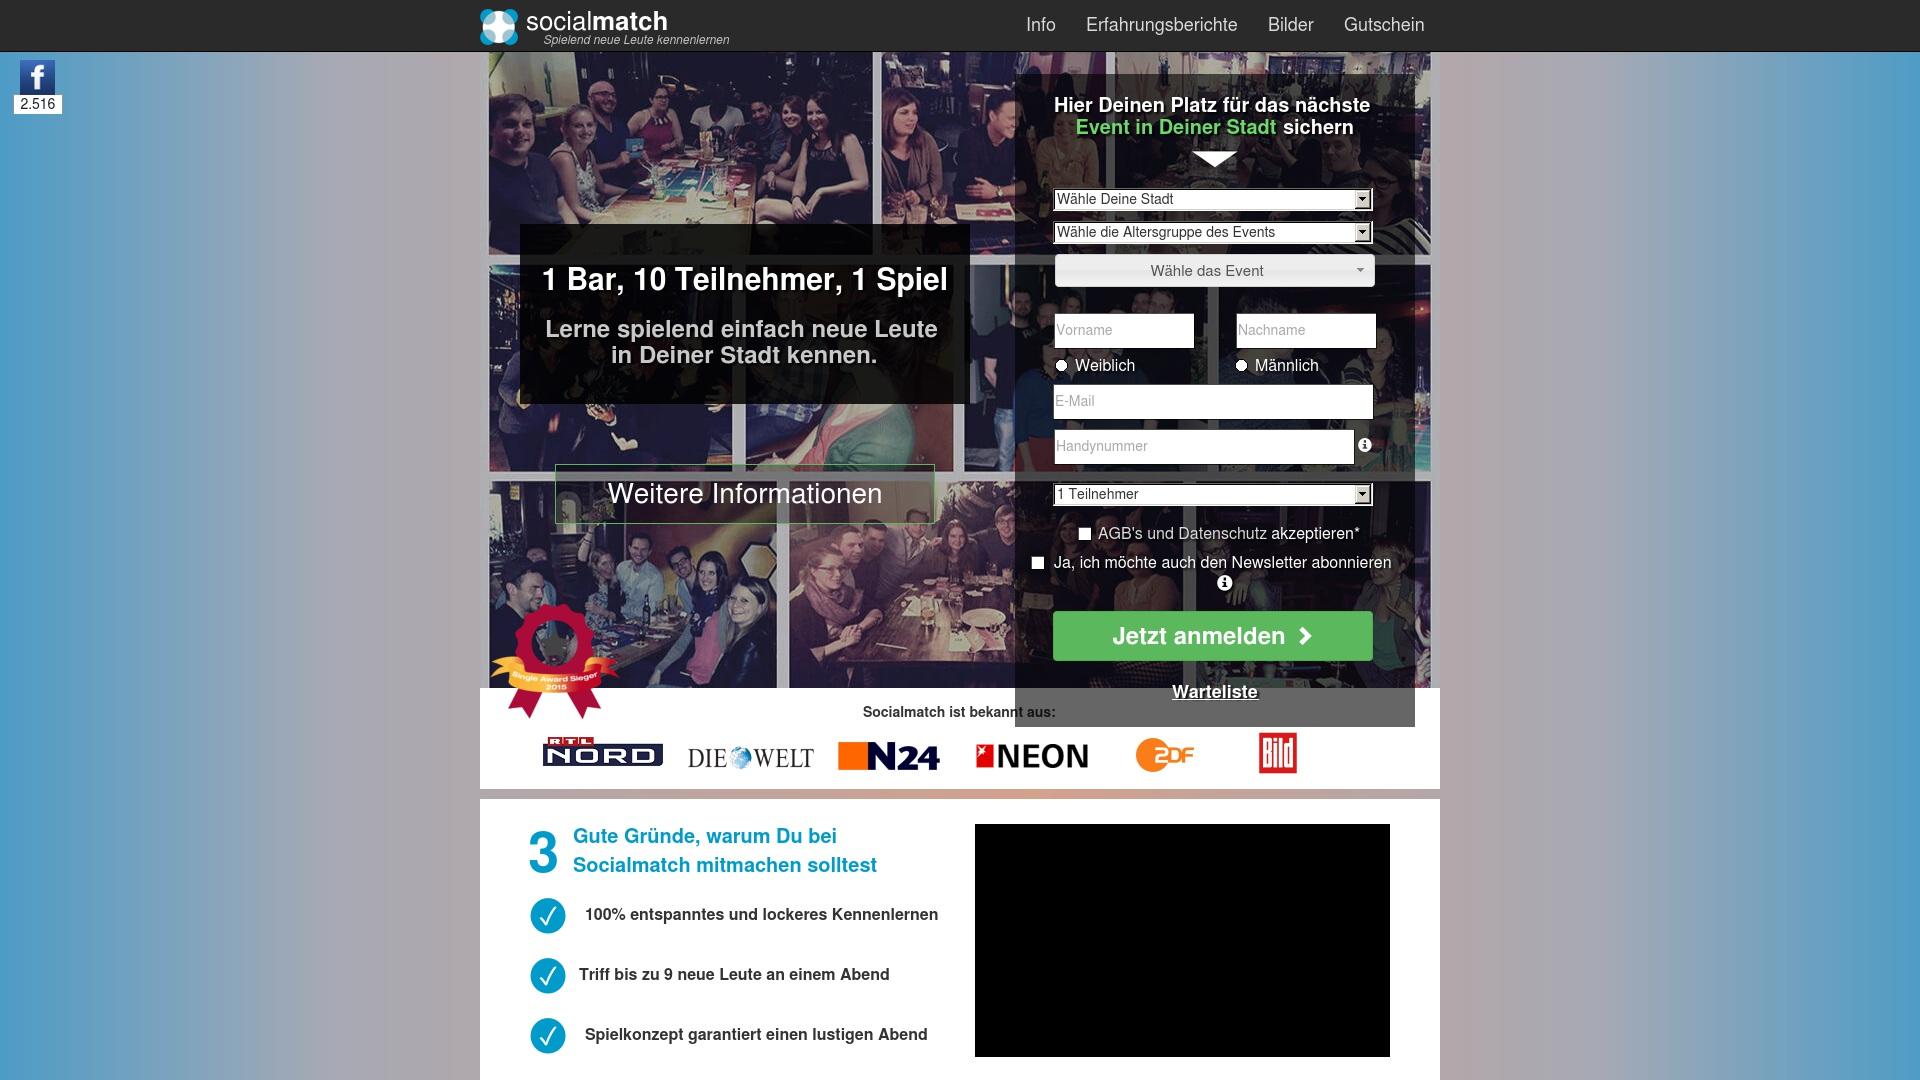 Gutschein für Socialmatch: Rabatte für  Socialmatch sichern